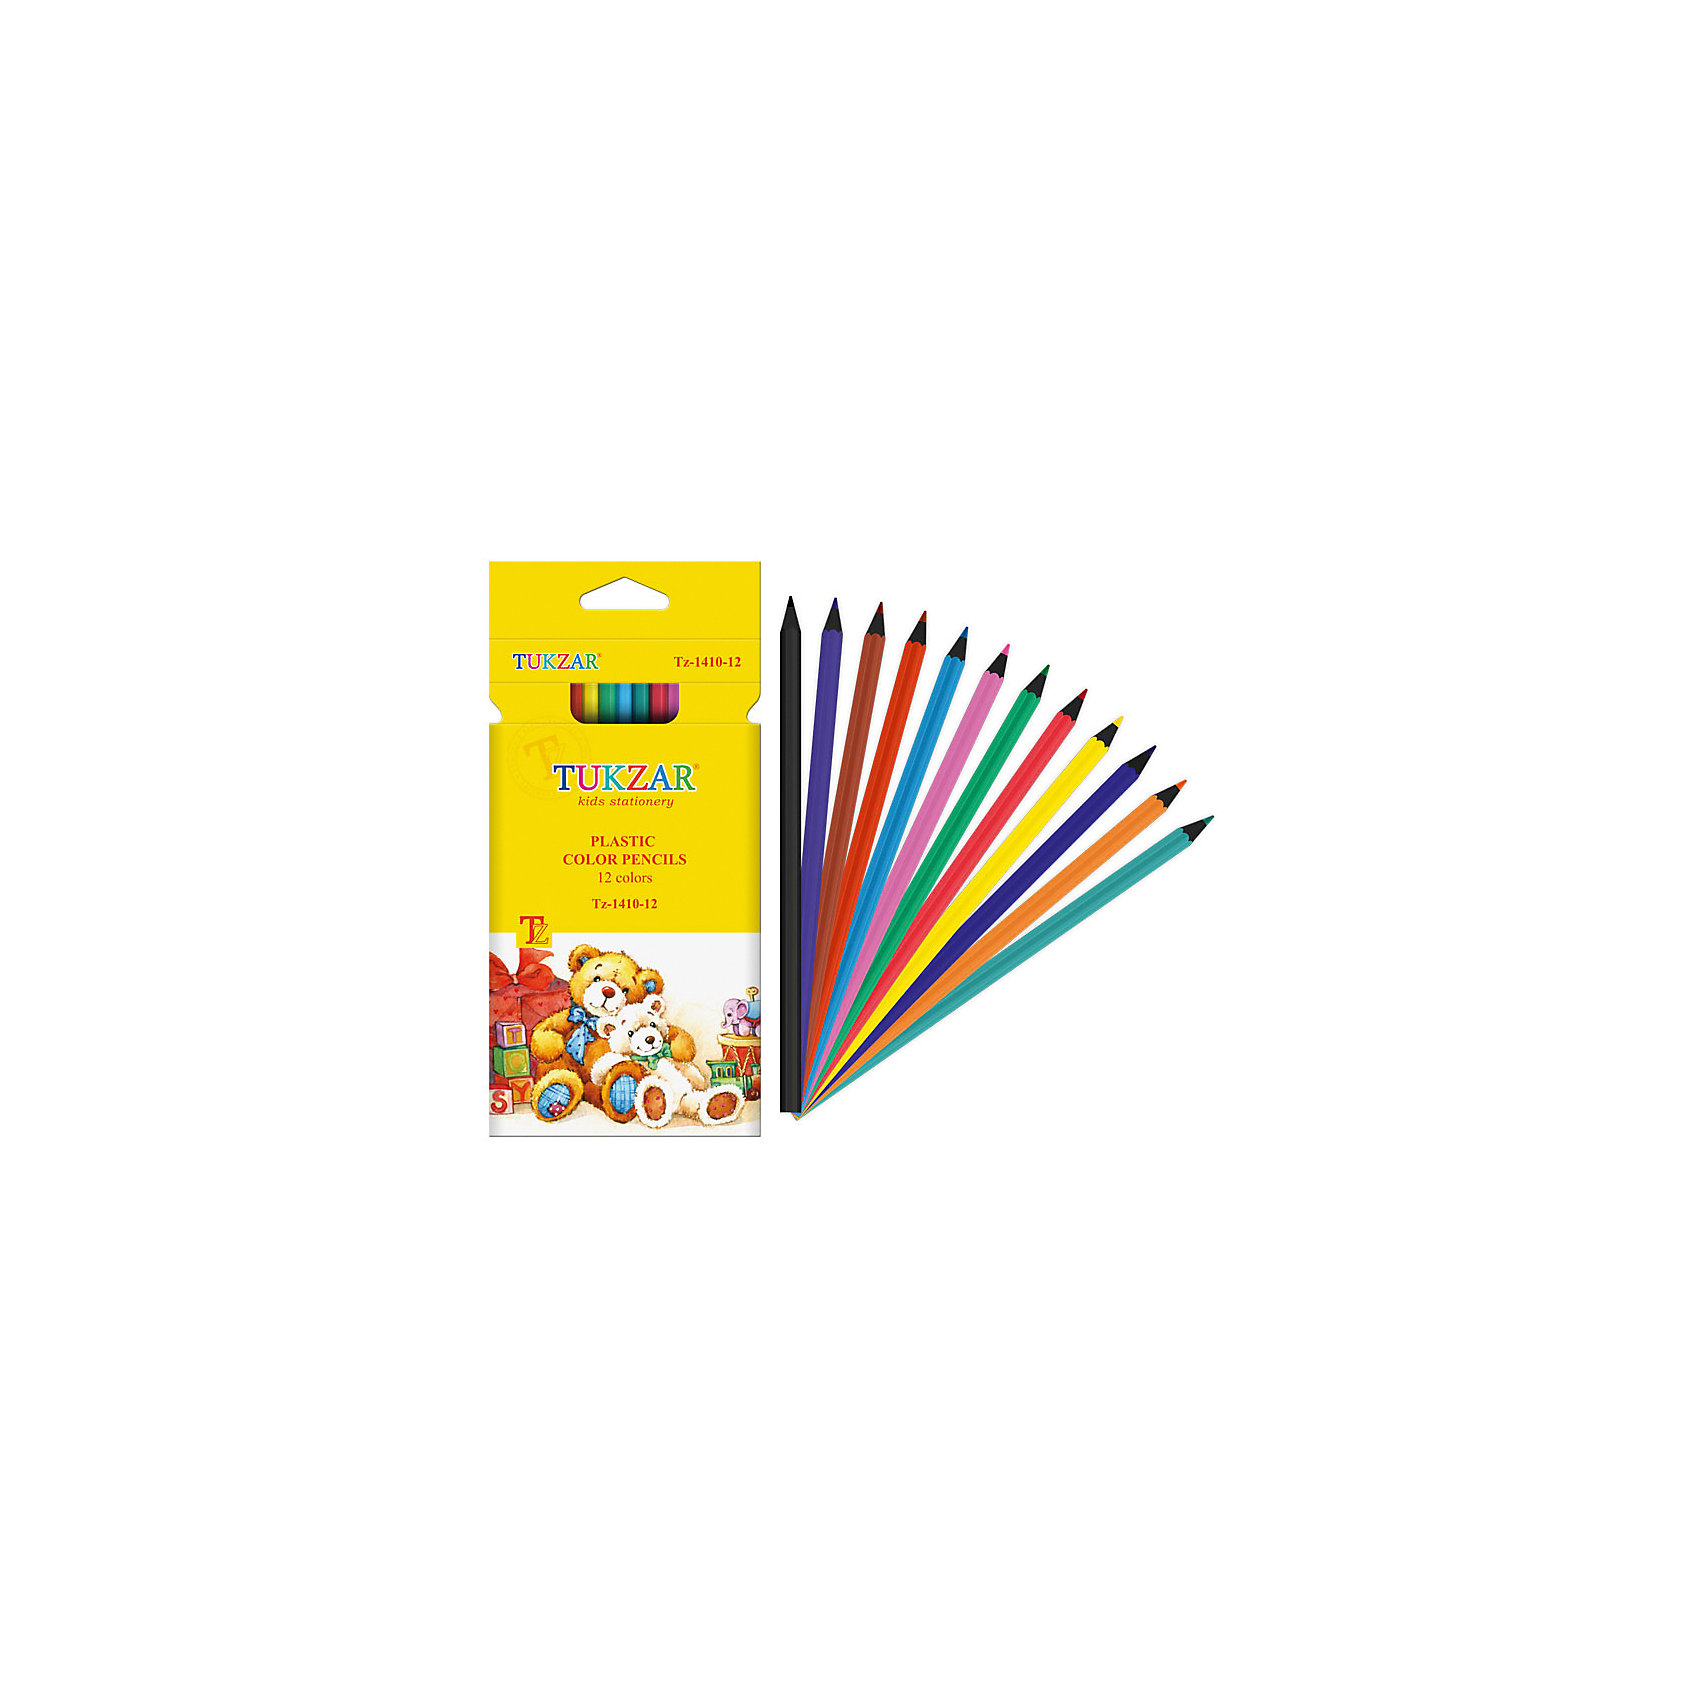 TUKZAR Цветные карандаши 12 цветов купить шнурки цветные оптом дешево